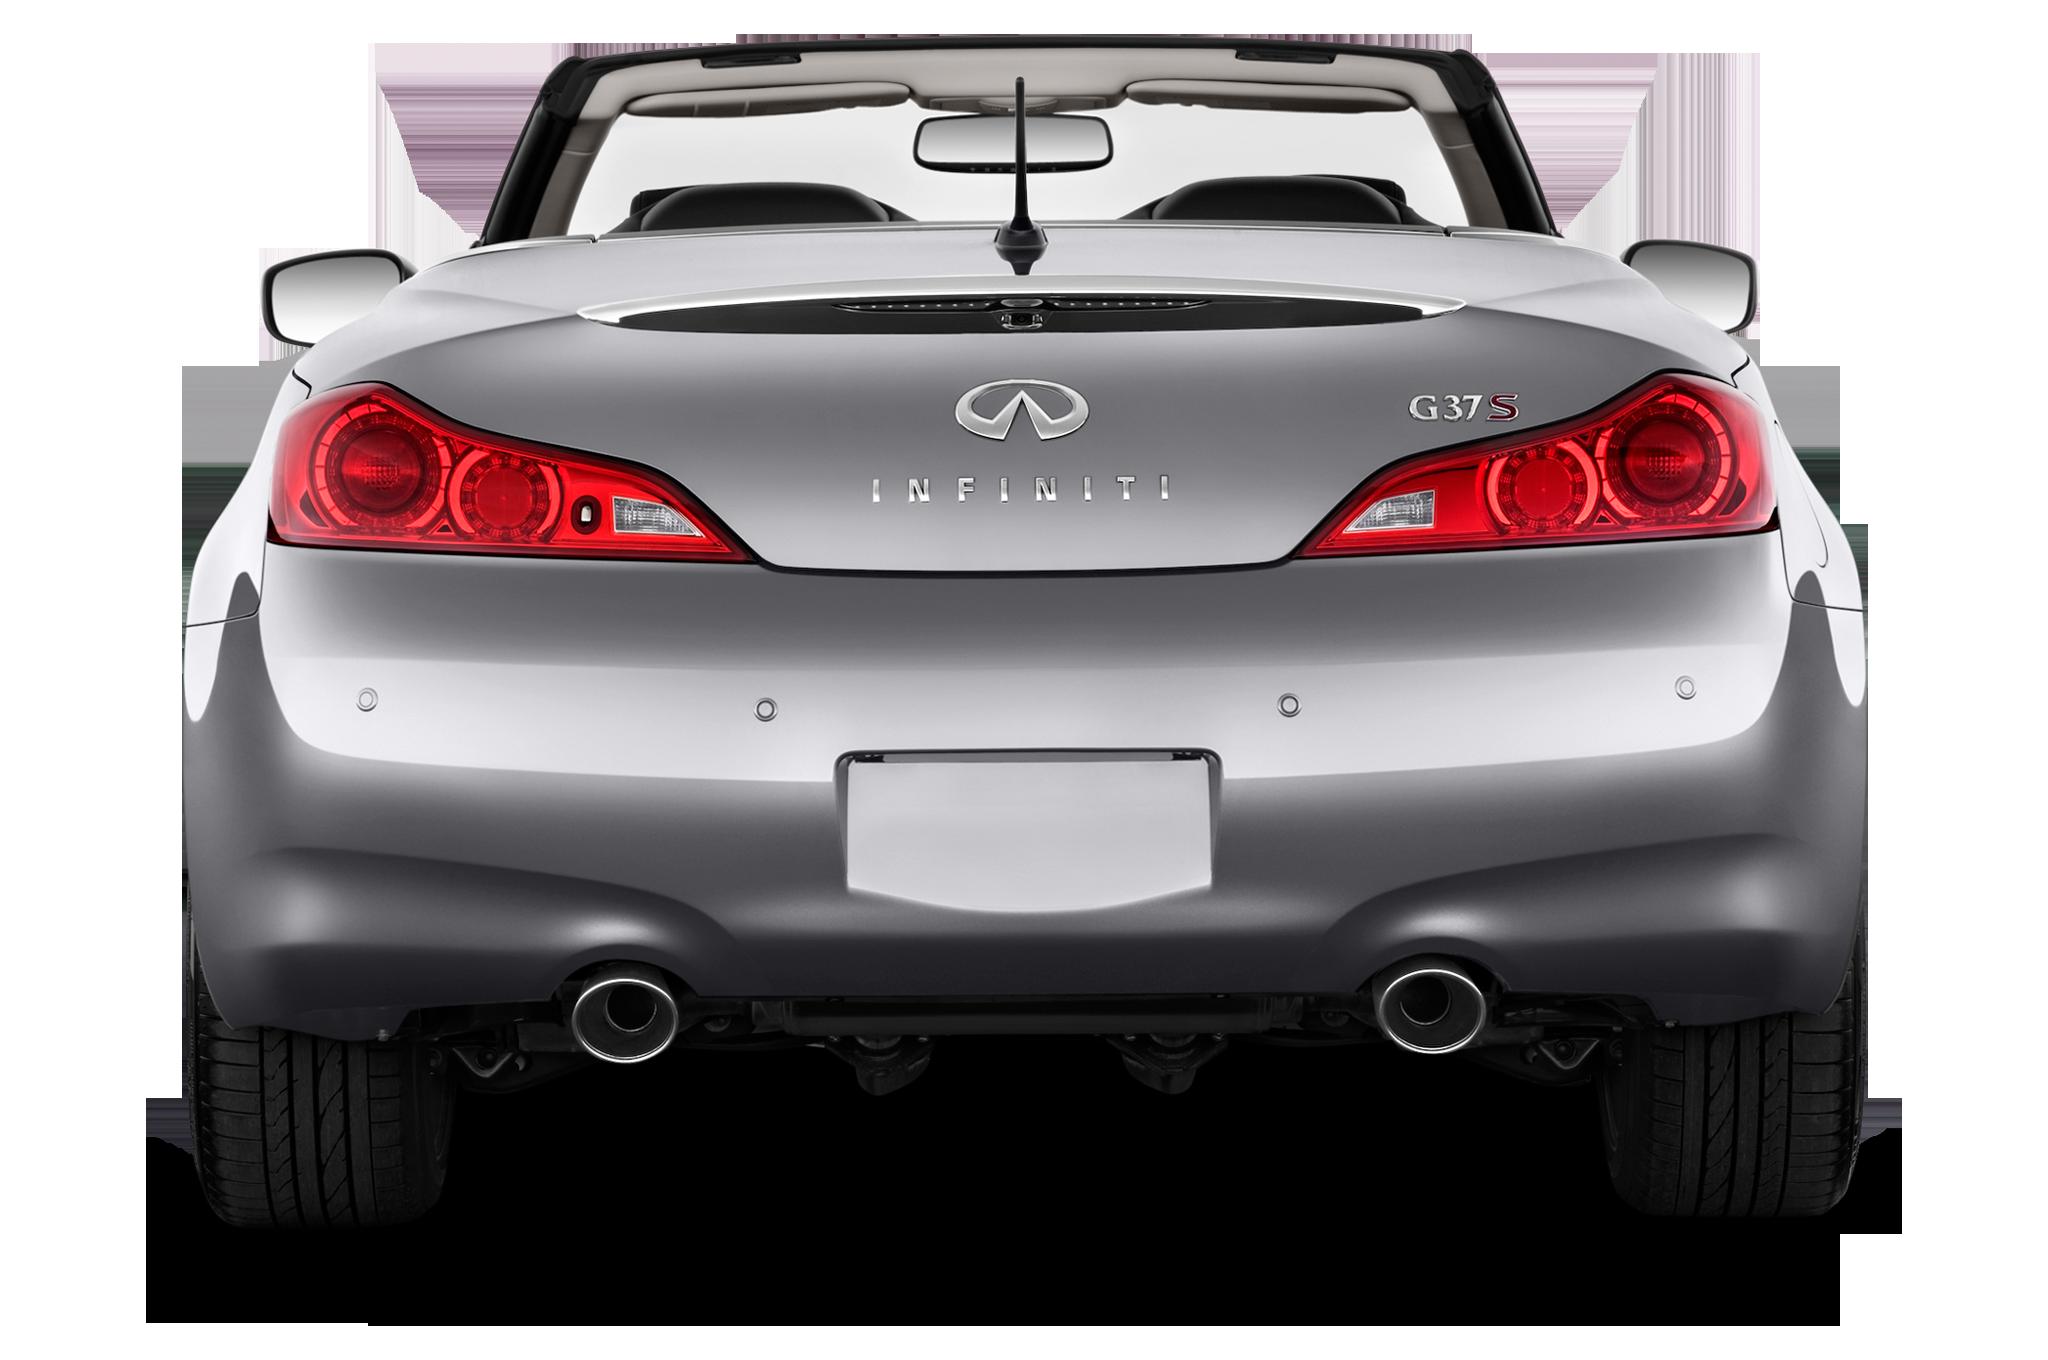 2010 infiniti g37 convertible infiniti luxury convertible review 2575 vanachro Gallery